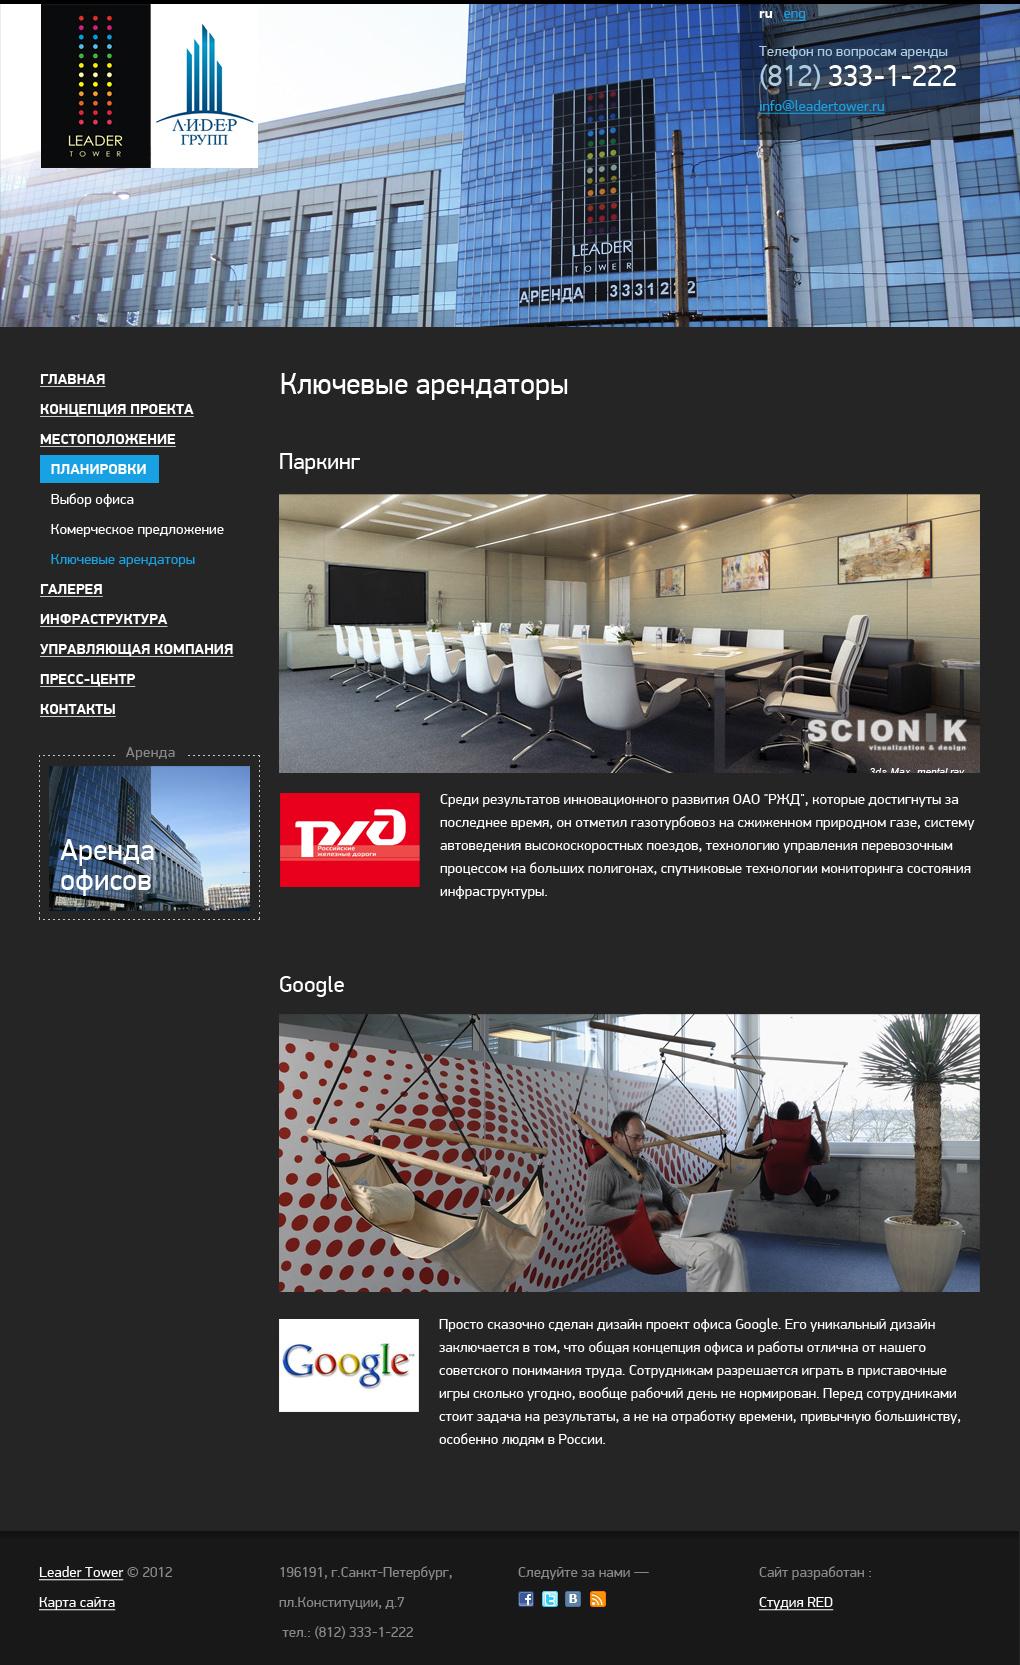 تصميم موقع لمركز رجال الأعمال